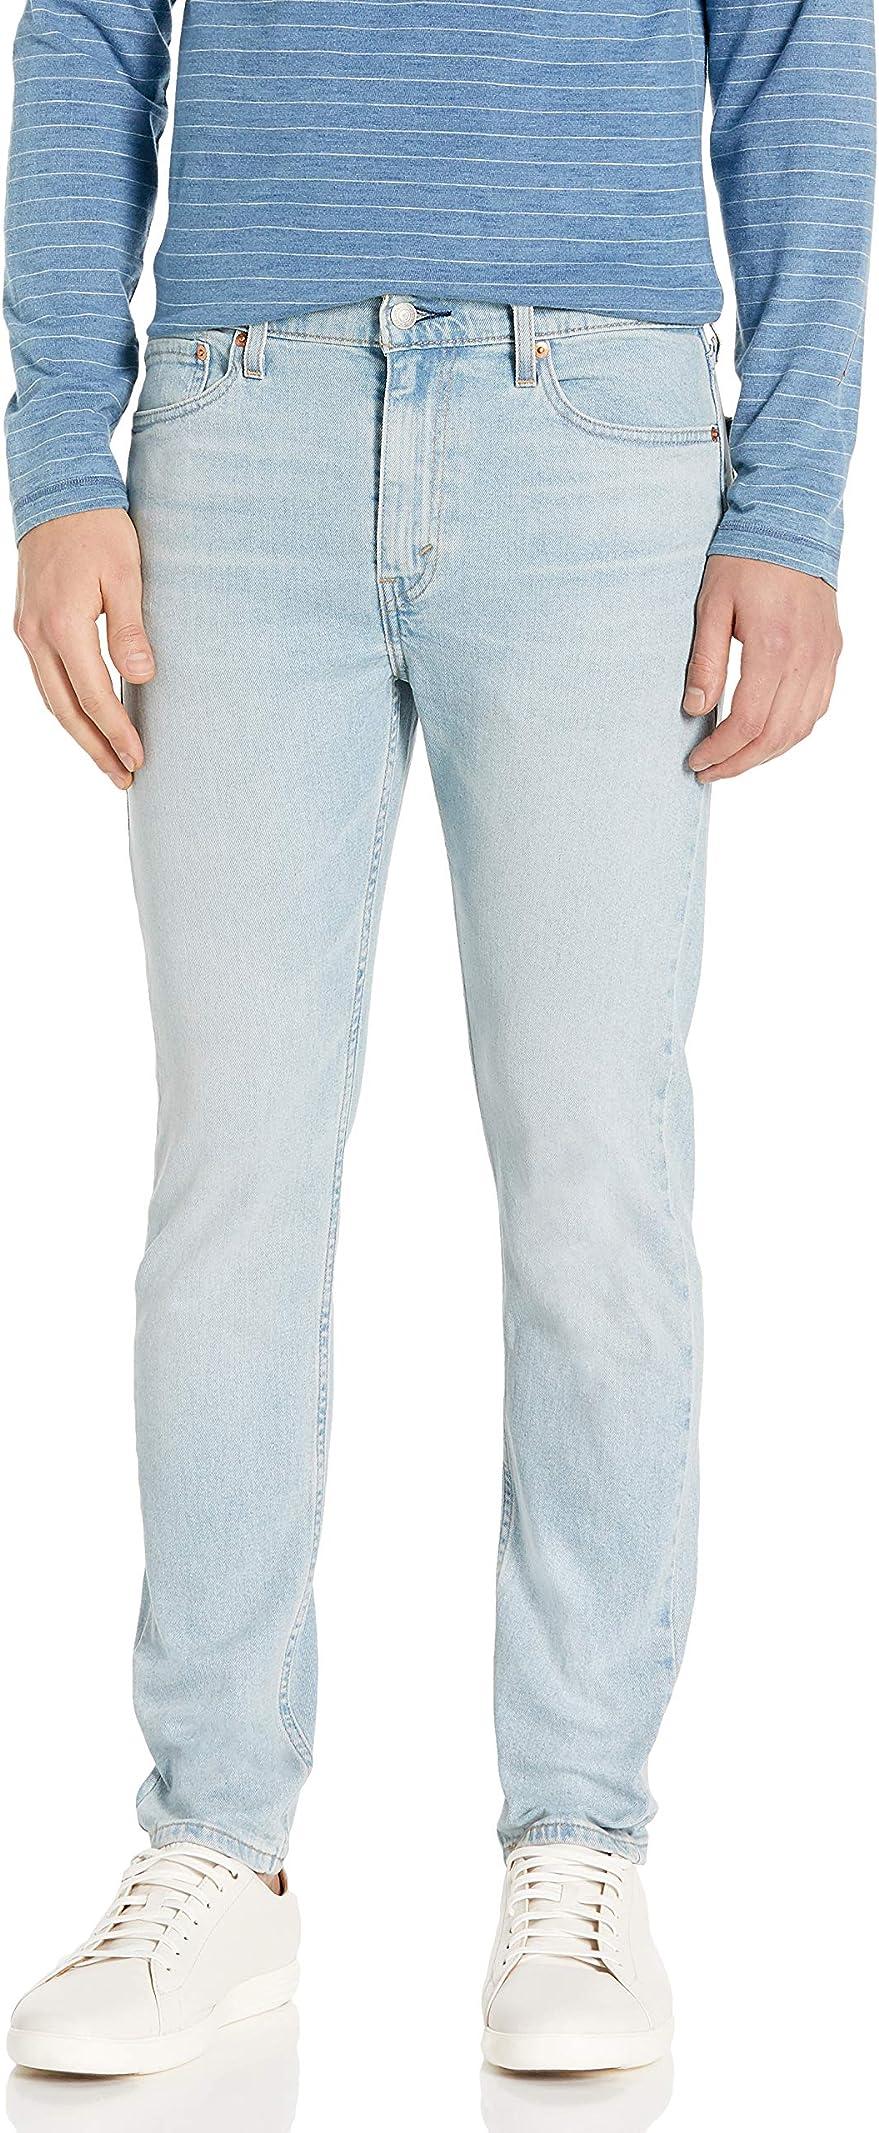 Levi's 李维斯 510系列 男式紧身牛仔裤 3.6折$25.02 两色可选 海淘转运到手约¥222